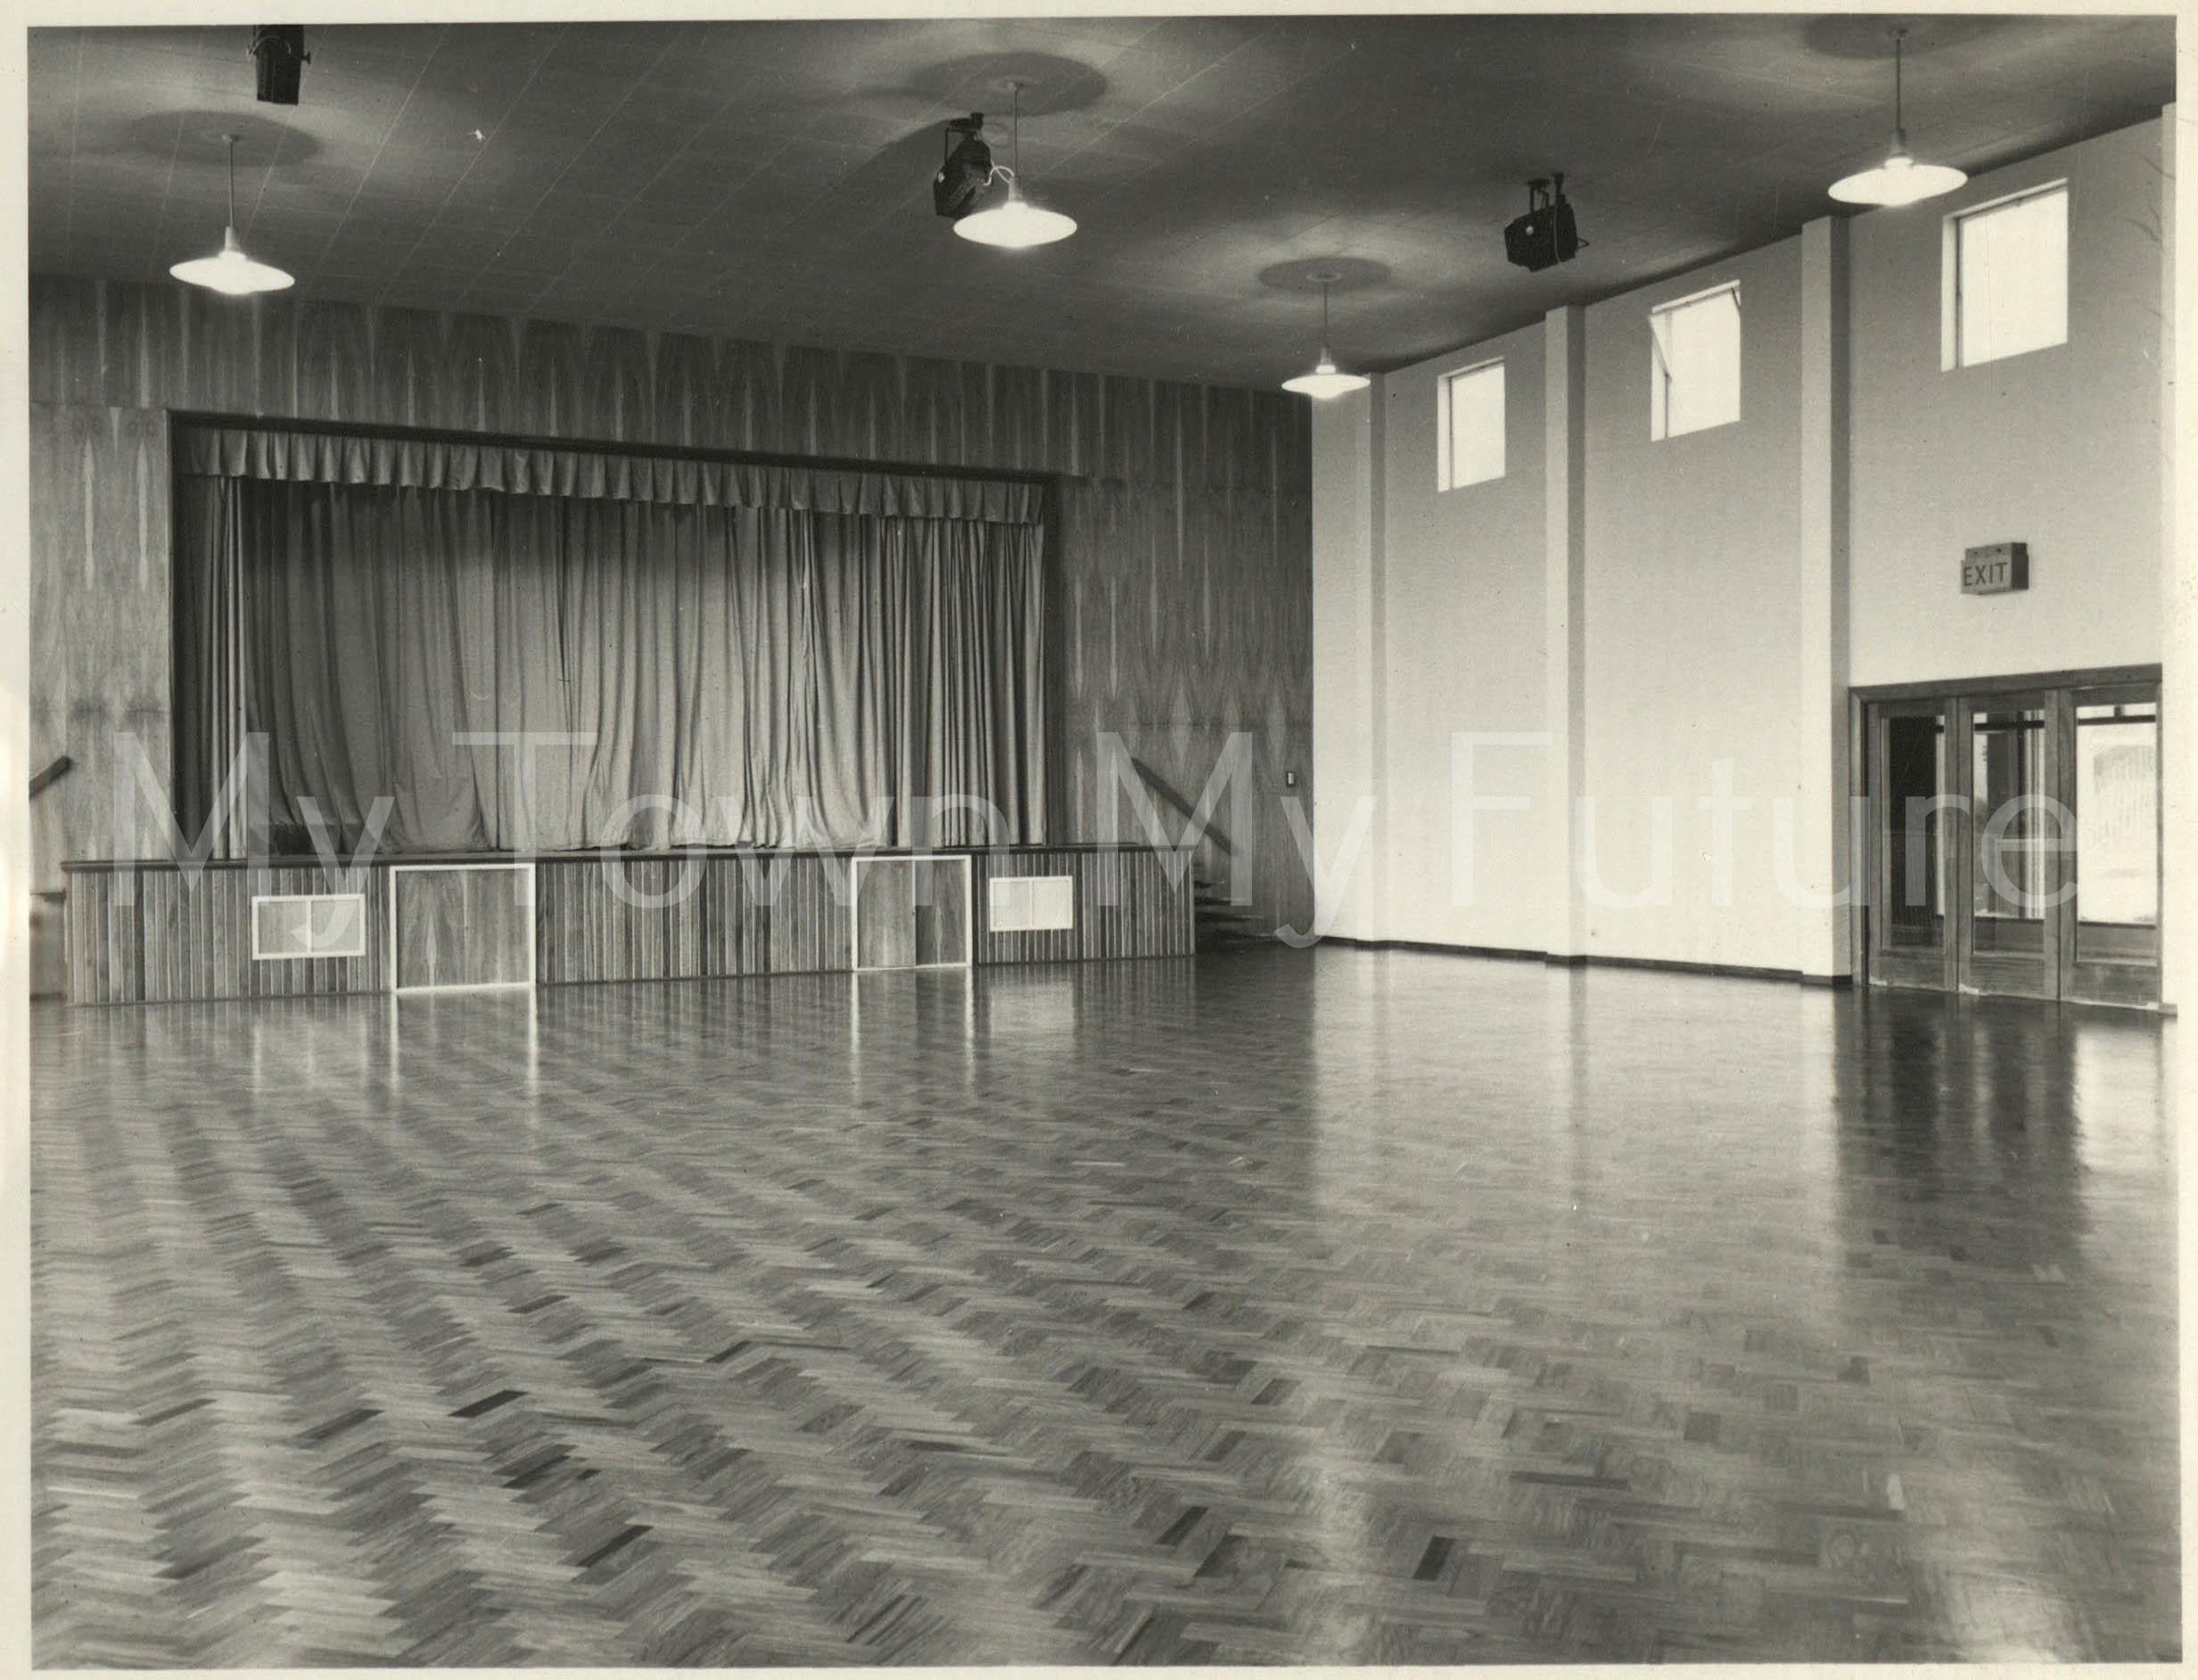 Brackenhoe-Formerly-Bertram-Ramsay-School